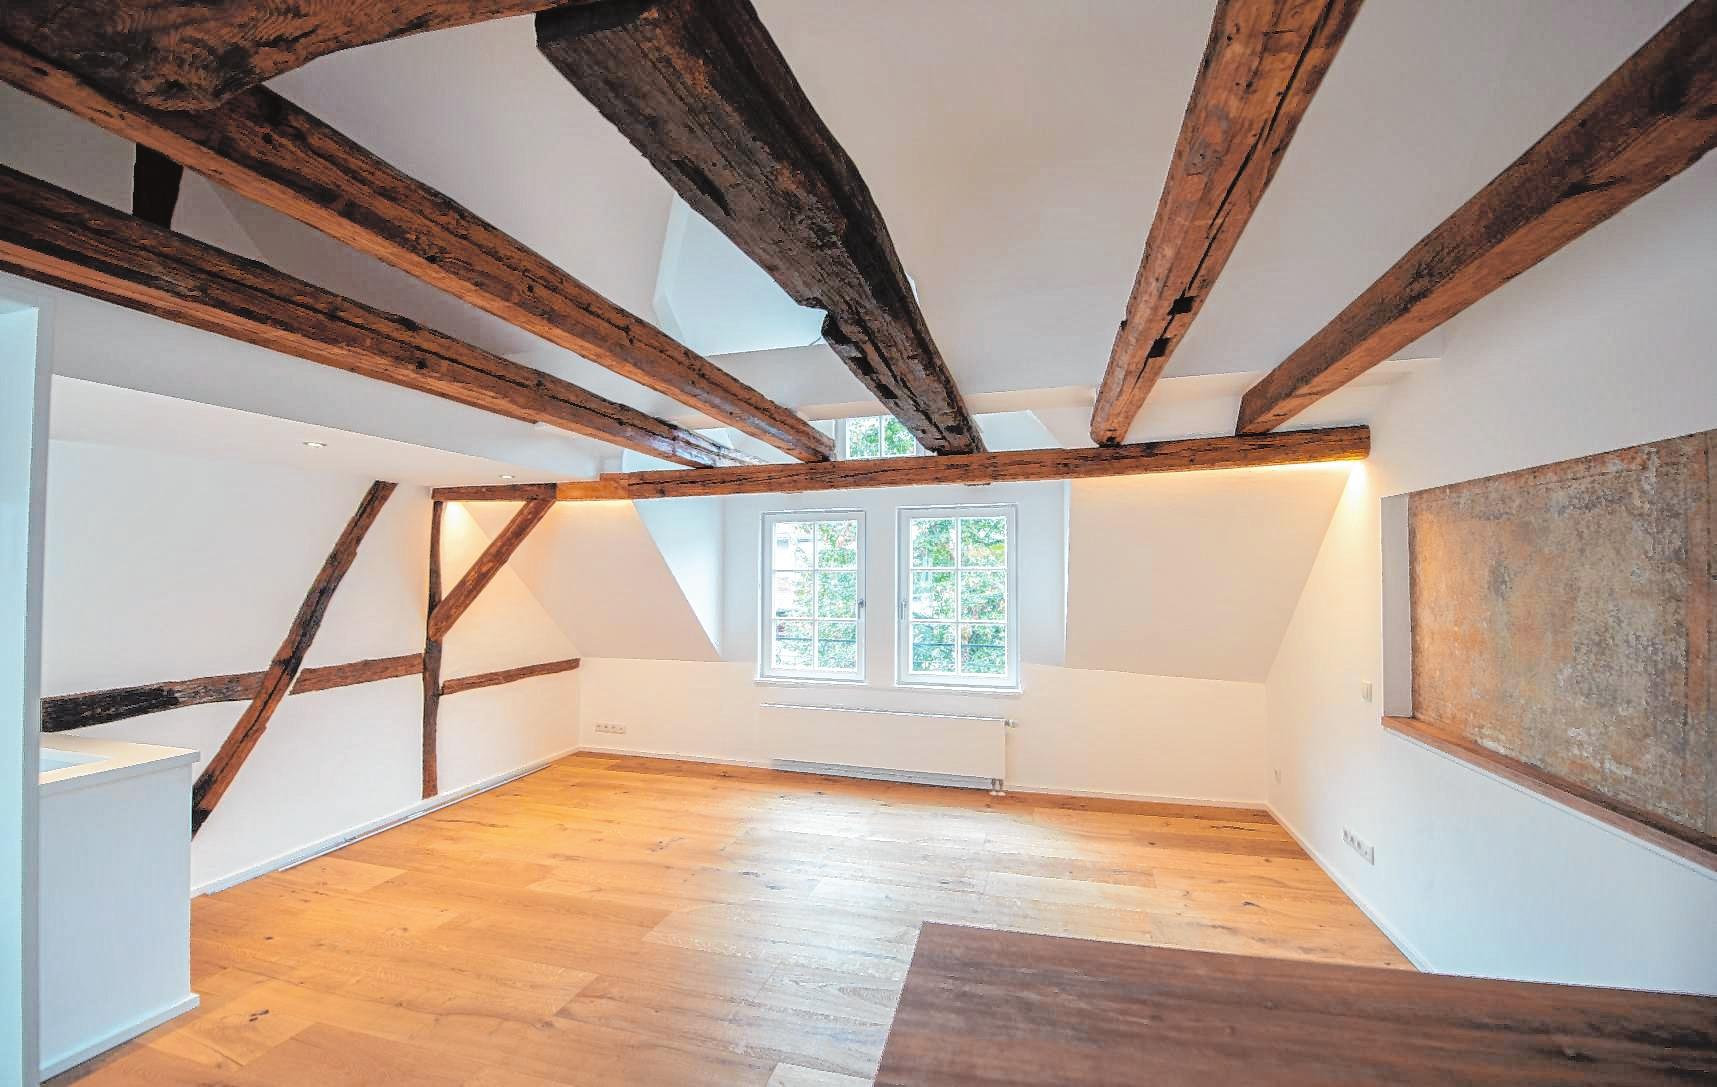 Hell und offen: Blick ins Obergeschoss des sanierten Fachwerkhauses. Rechts ist der erhaltene Teil des alten Wanddekors zu sehen.   Bild: Thomas Neu